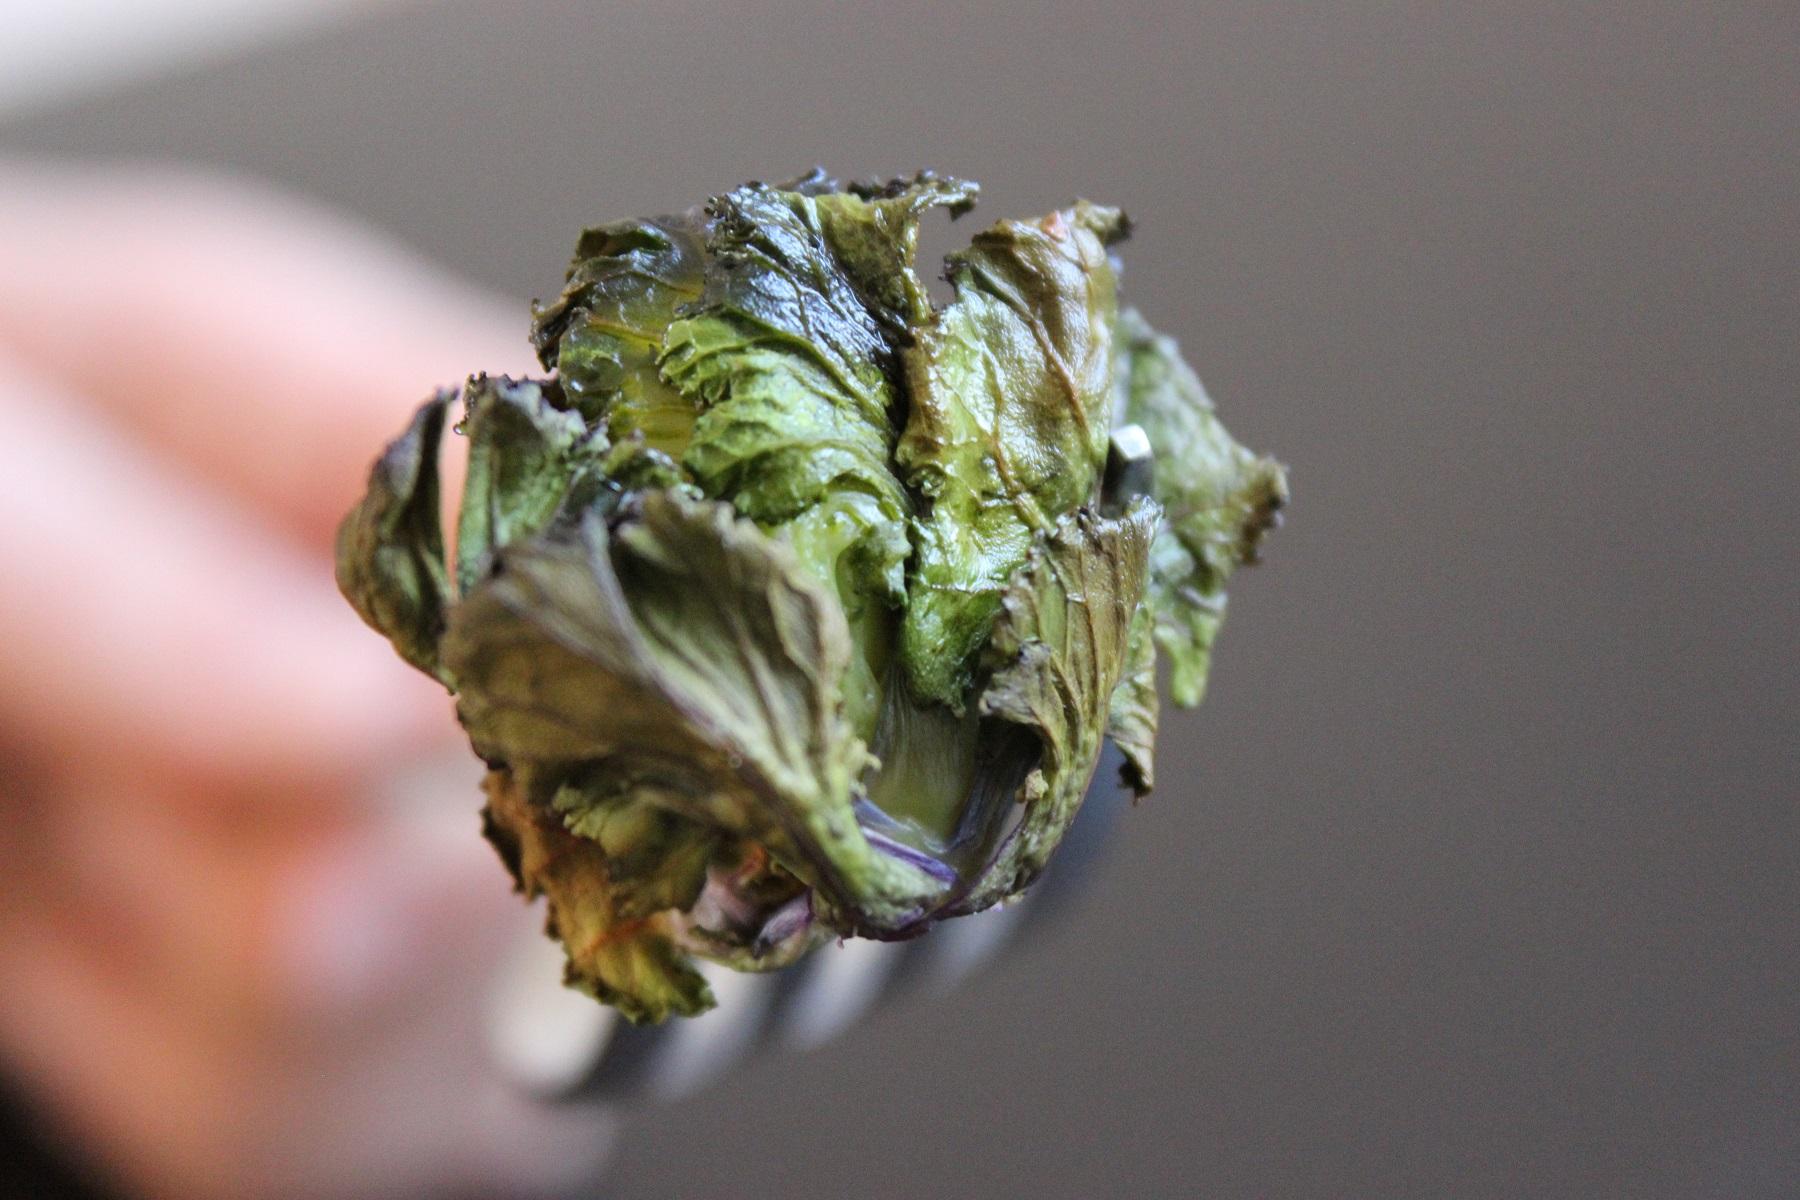 roasted flower sprouts ofenger stete kohlr schen. Black Bedroom Furniture Sets. Home Design Ideas